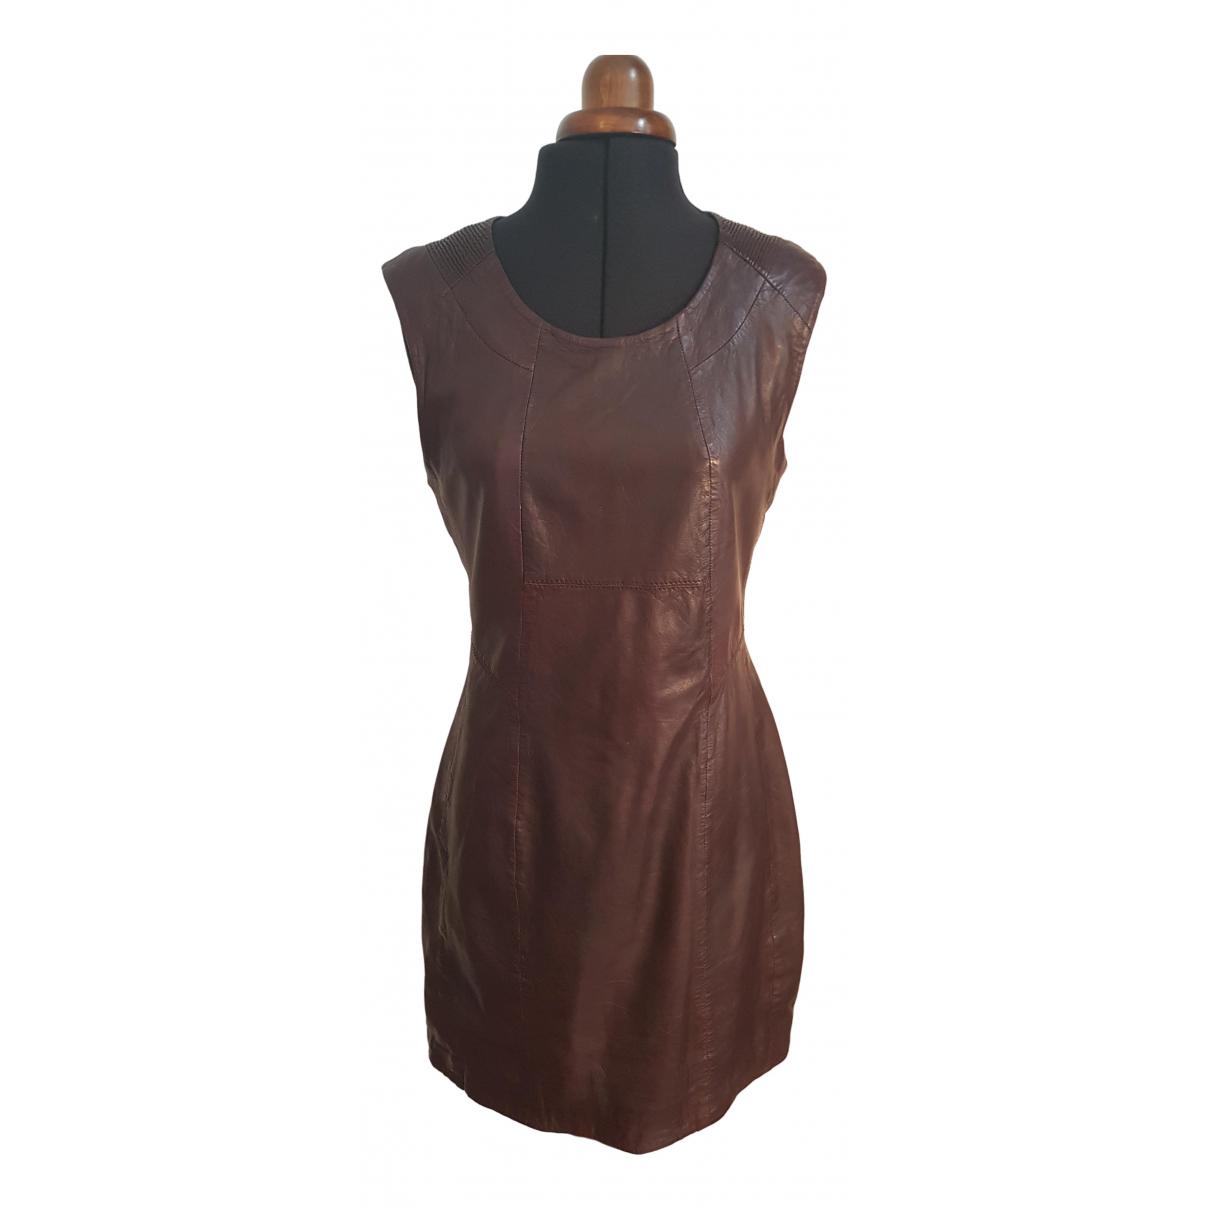 Ikks \N Burgundy Leather dress for Women M International